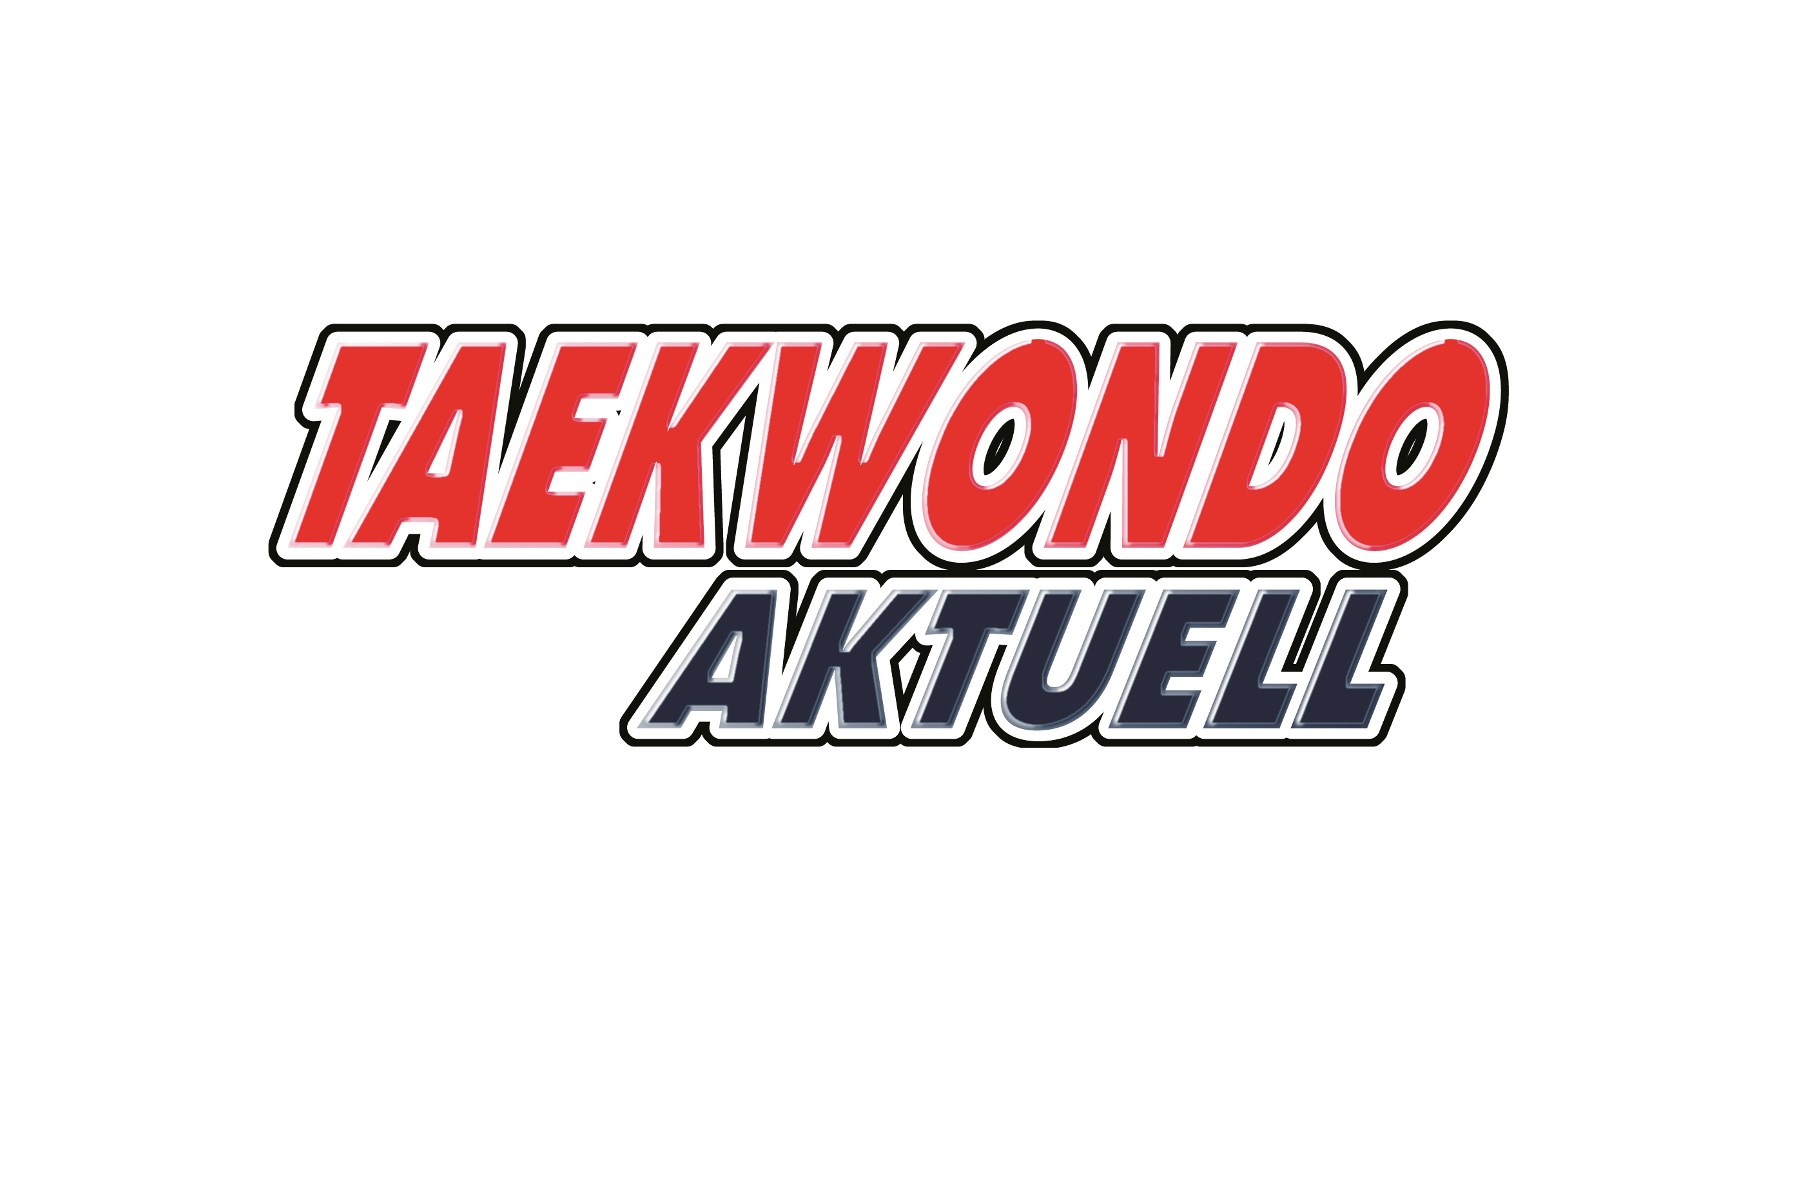 Taekwondo Aktuell August 2016